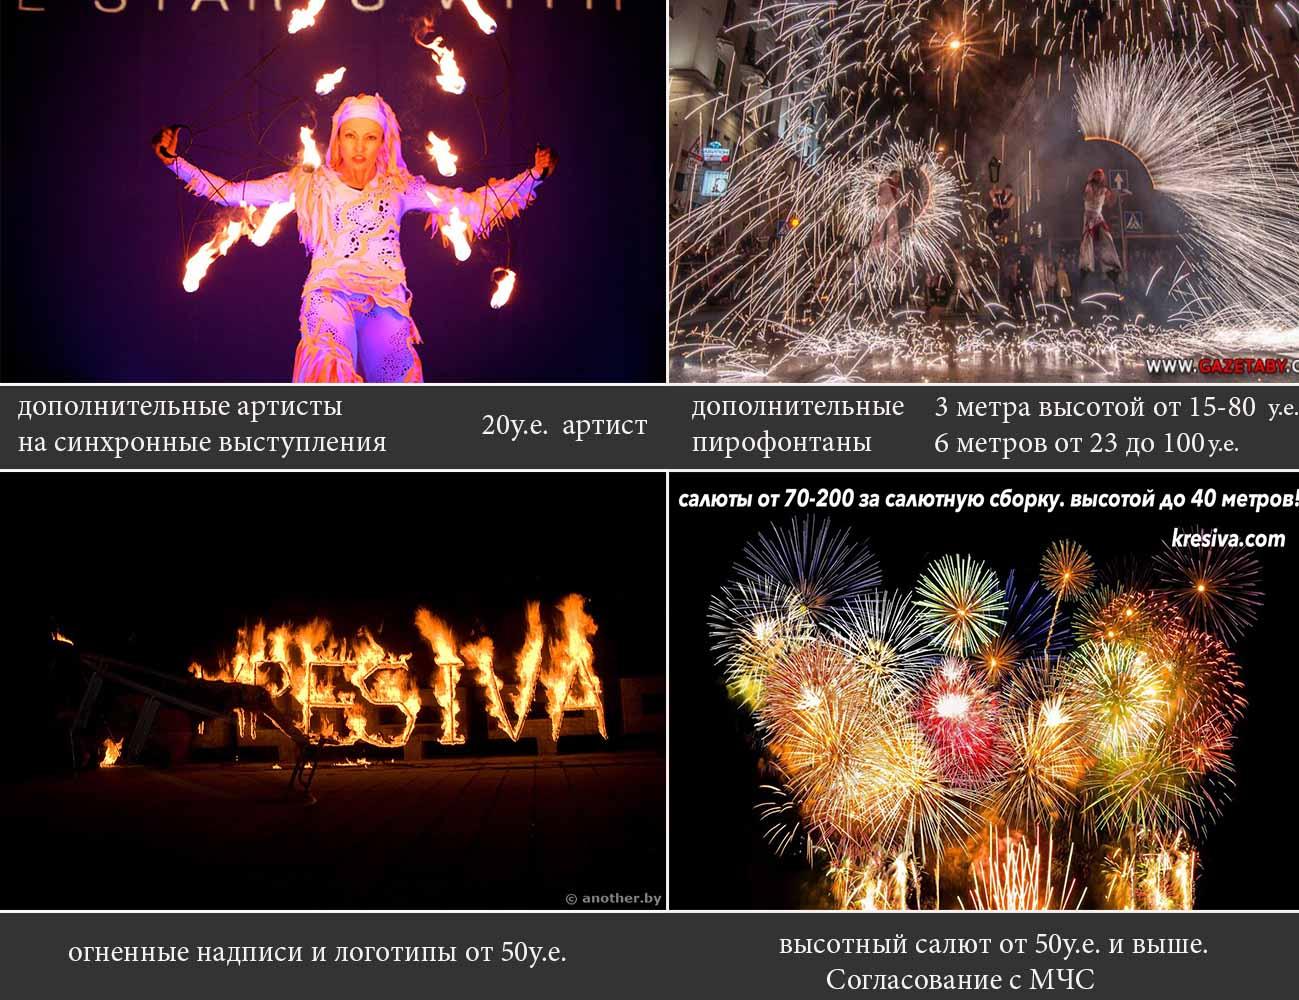 заказать огненное шоу (фаер-шоу, фаер шоу) и артистов в Минске, Беларуси на свадьбу, корпоратив и новый год. Новости фаер. заказать цирковой реквизит.